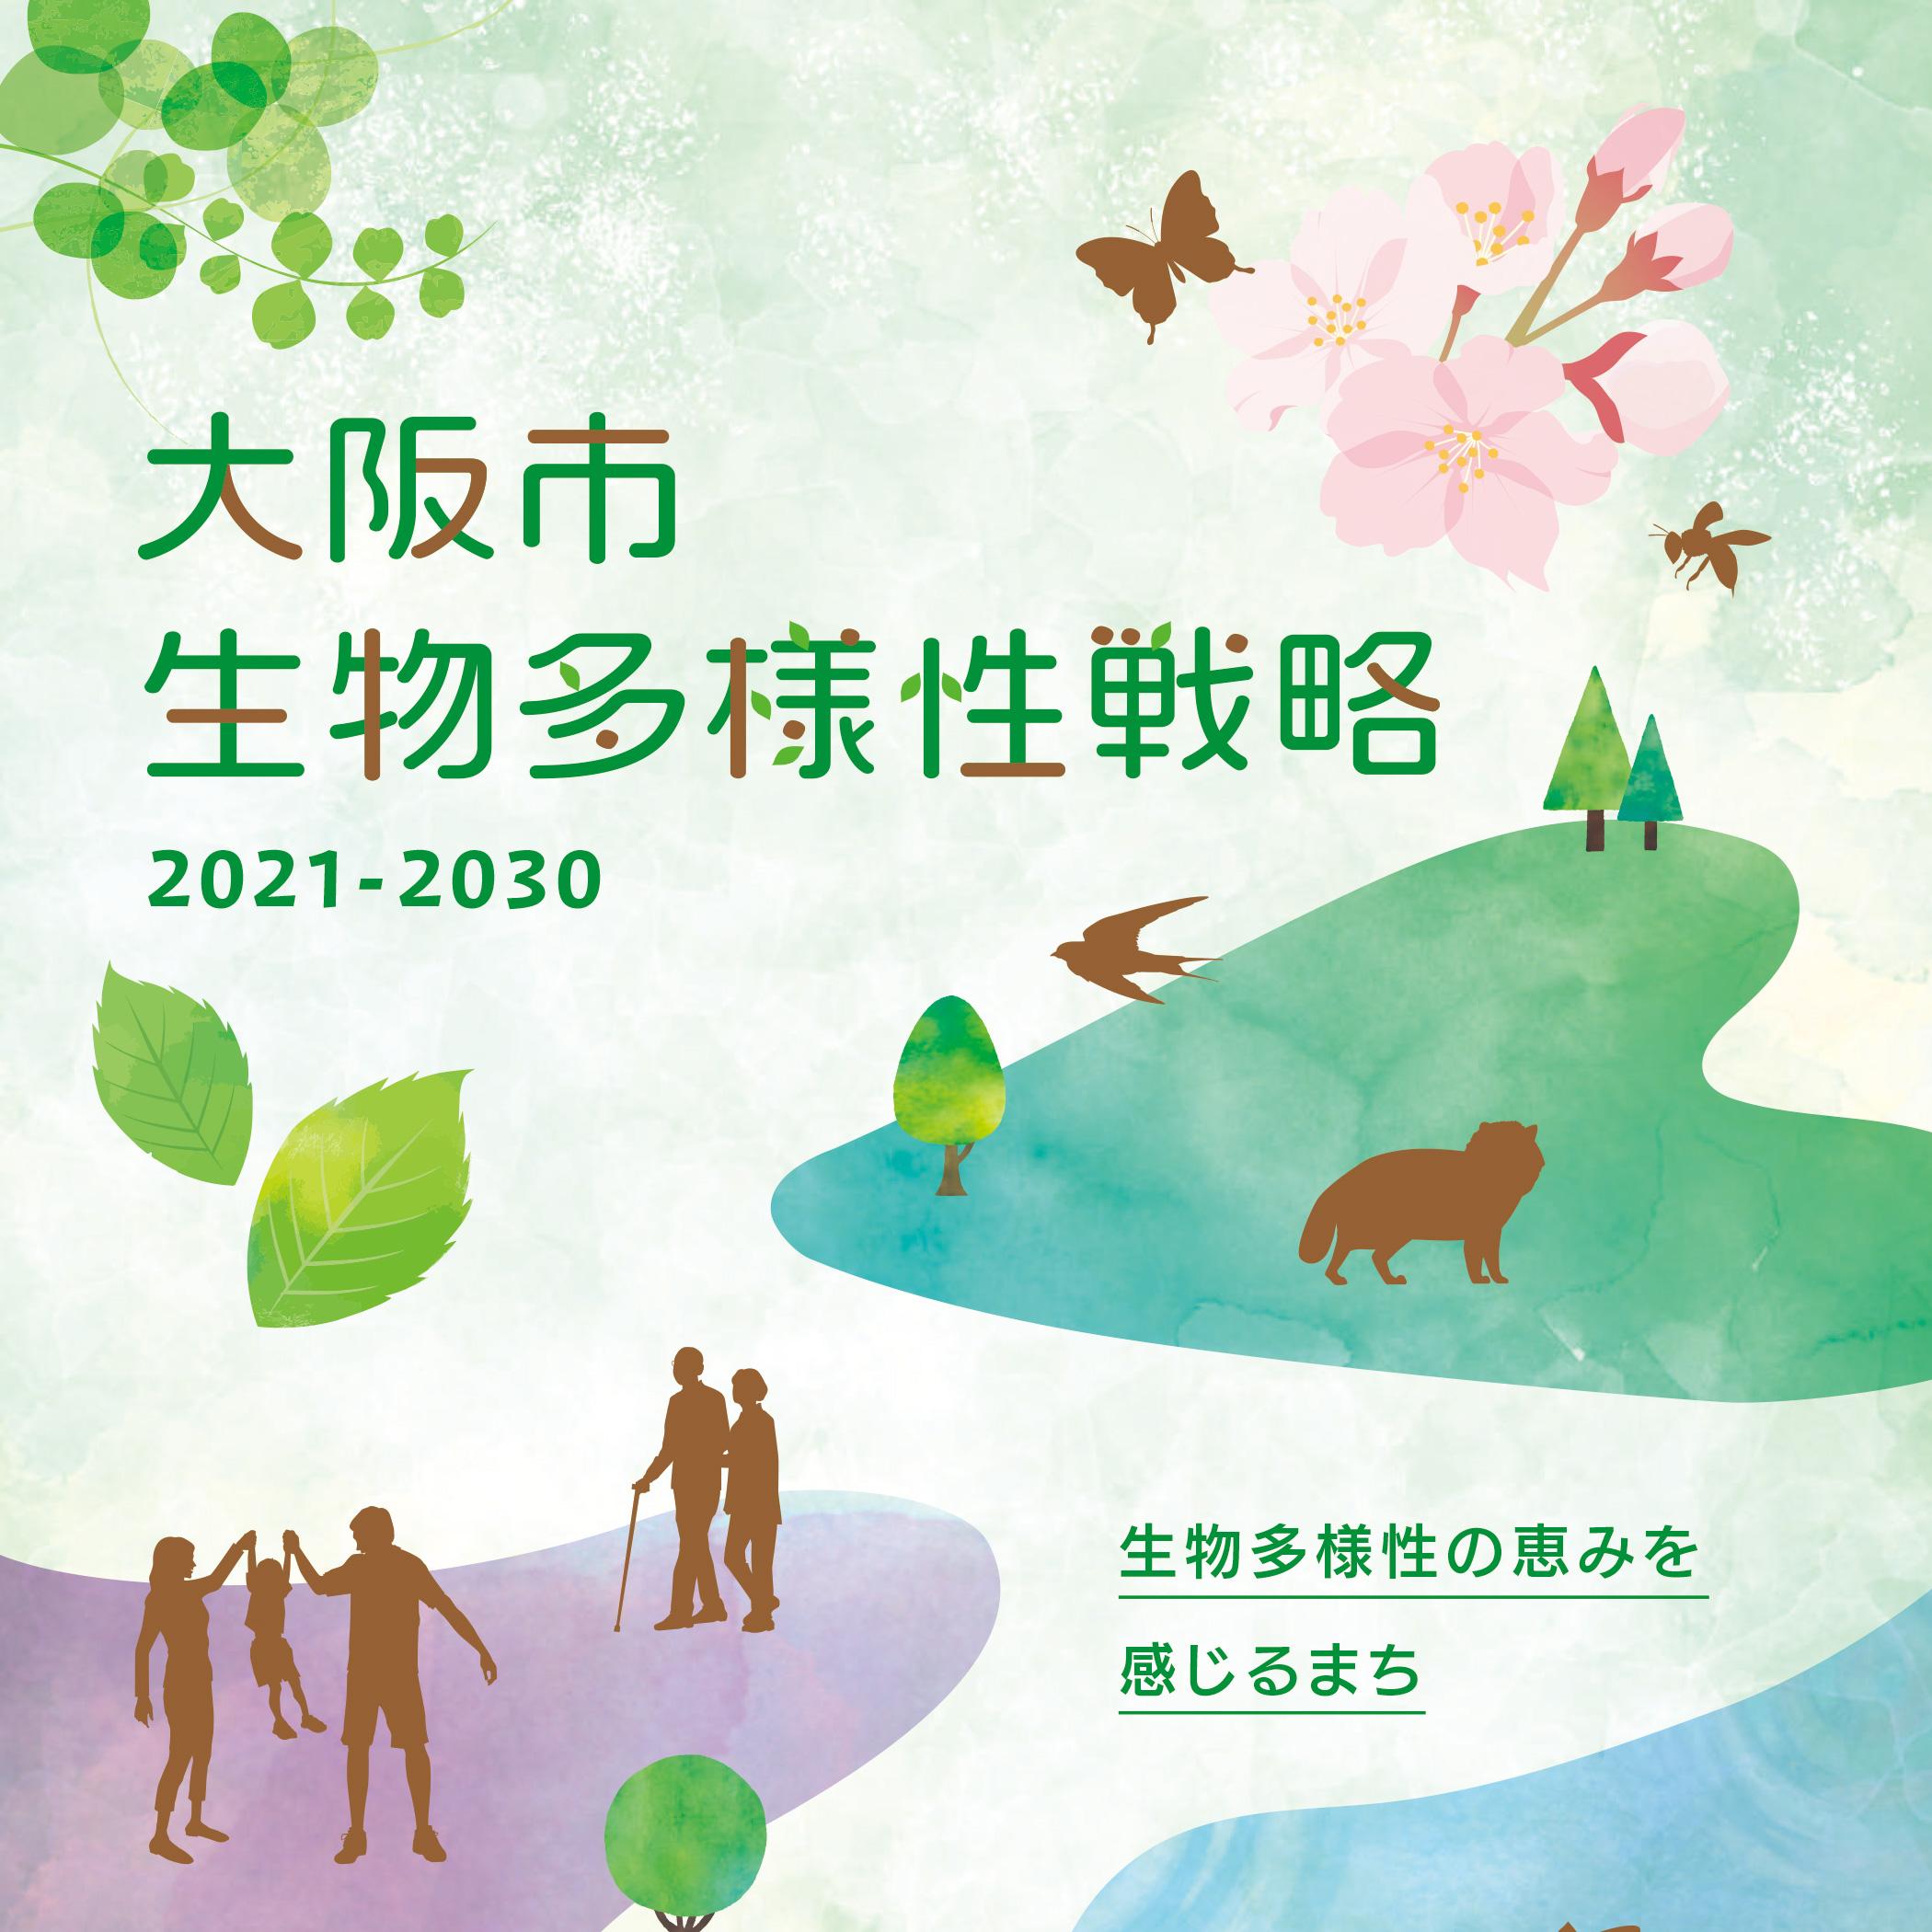 大阪市生物多様性戦略|2021.4 リーフレット(大阪市環境局)